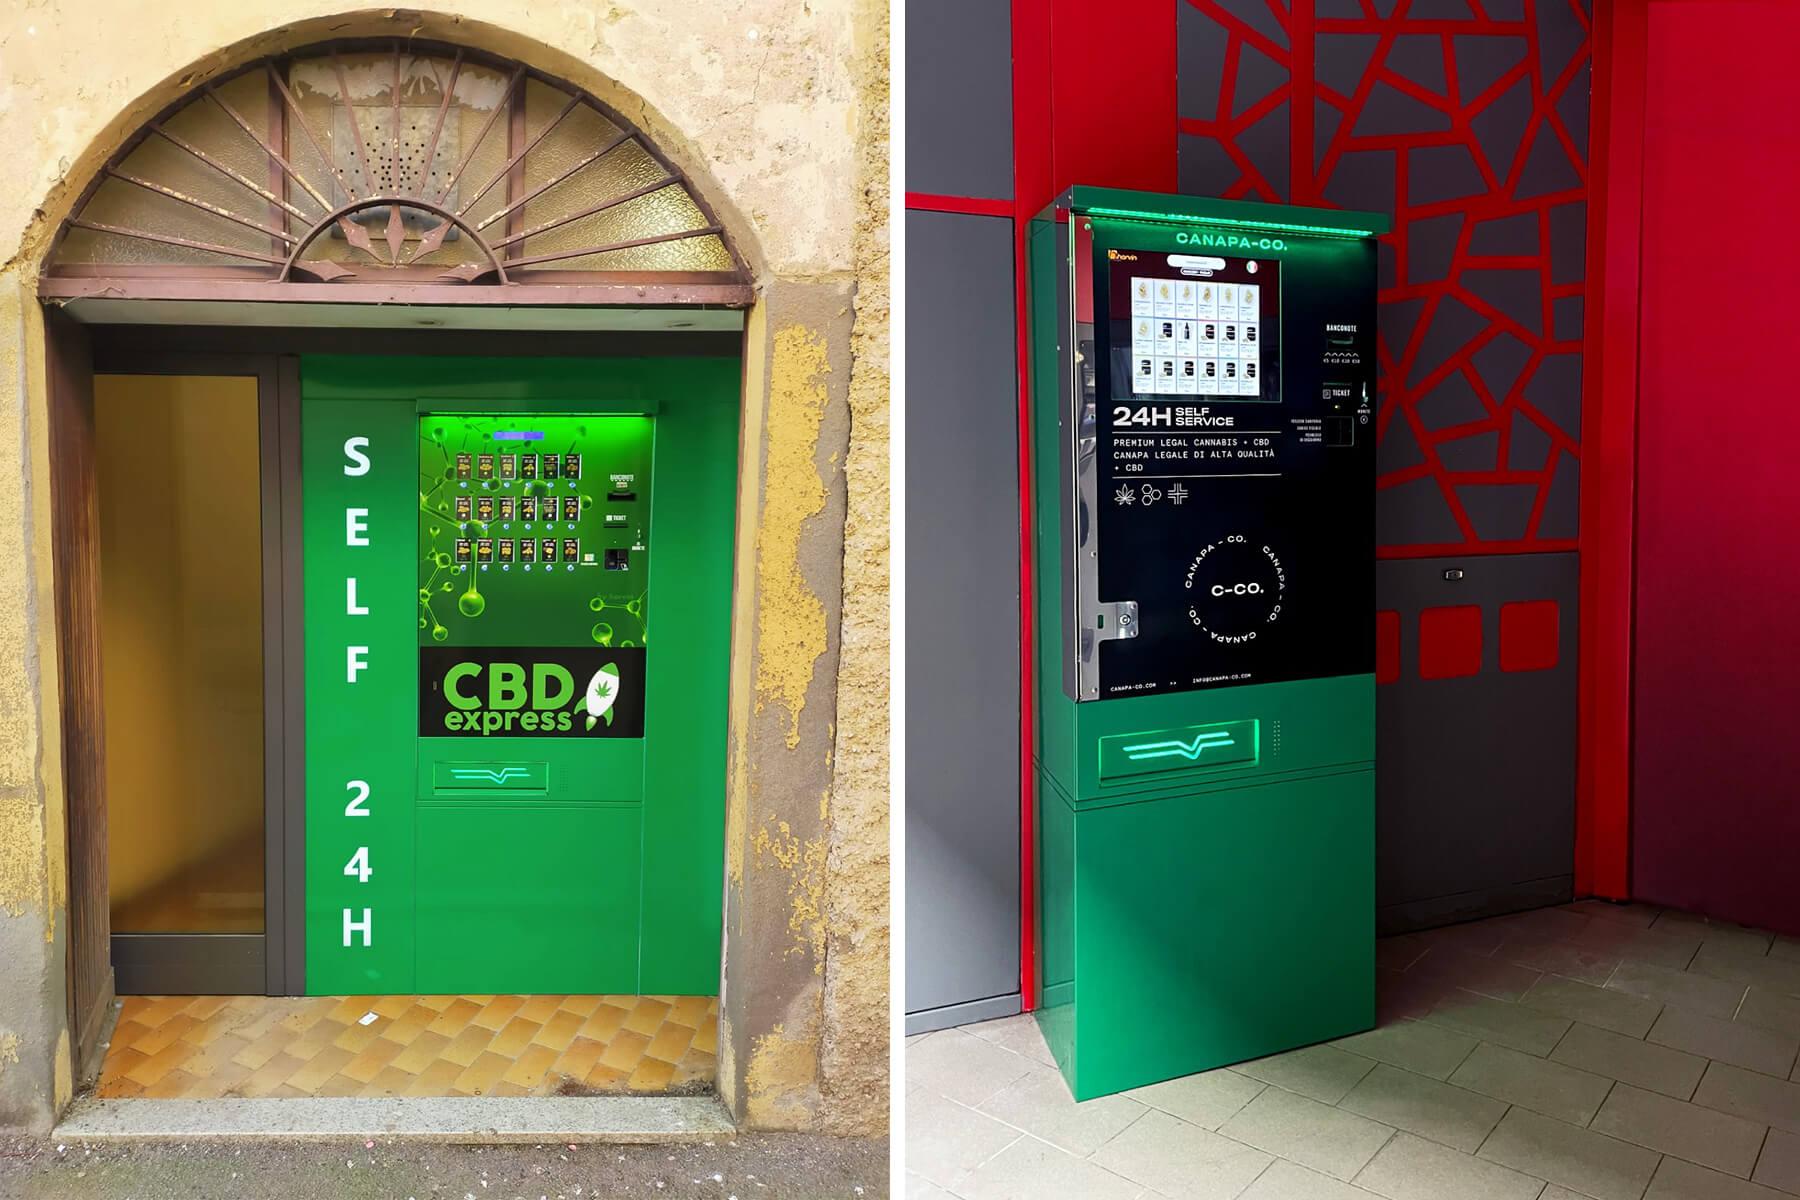 I luoghi più adatti dove installare un distributore automatico di Canapa Light